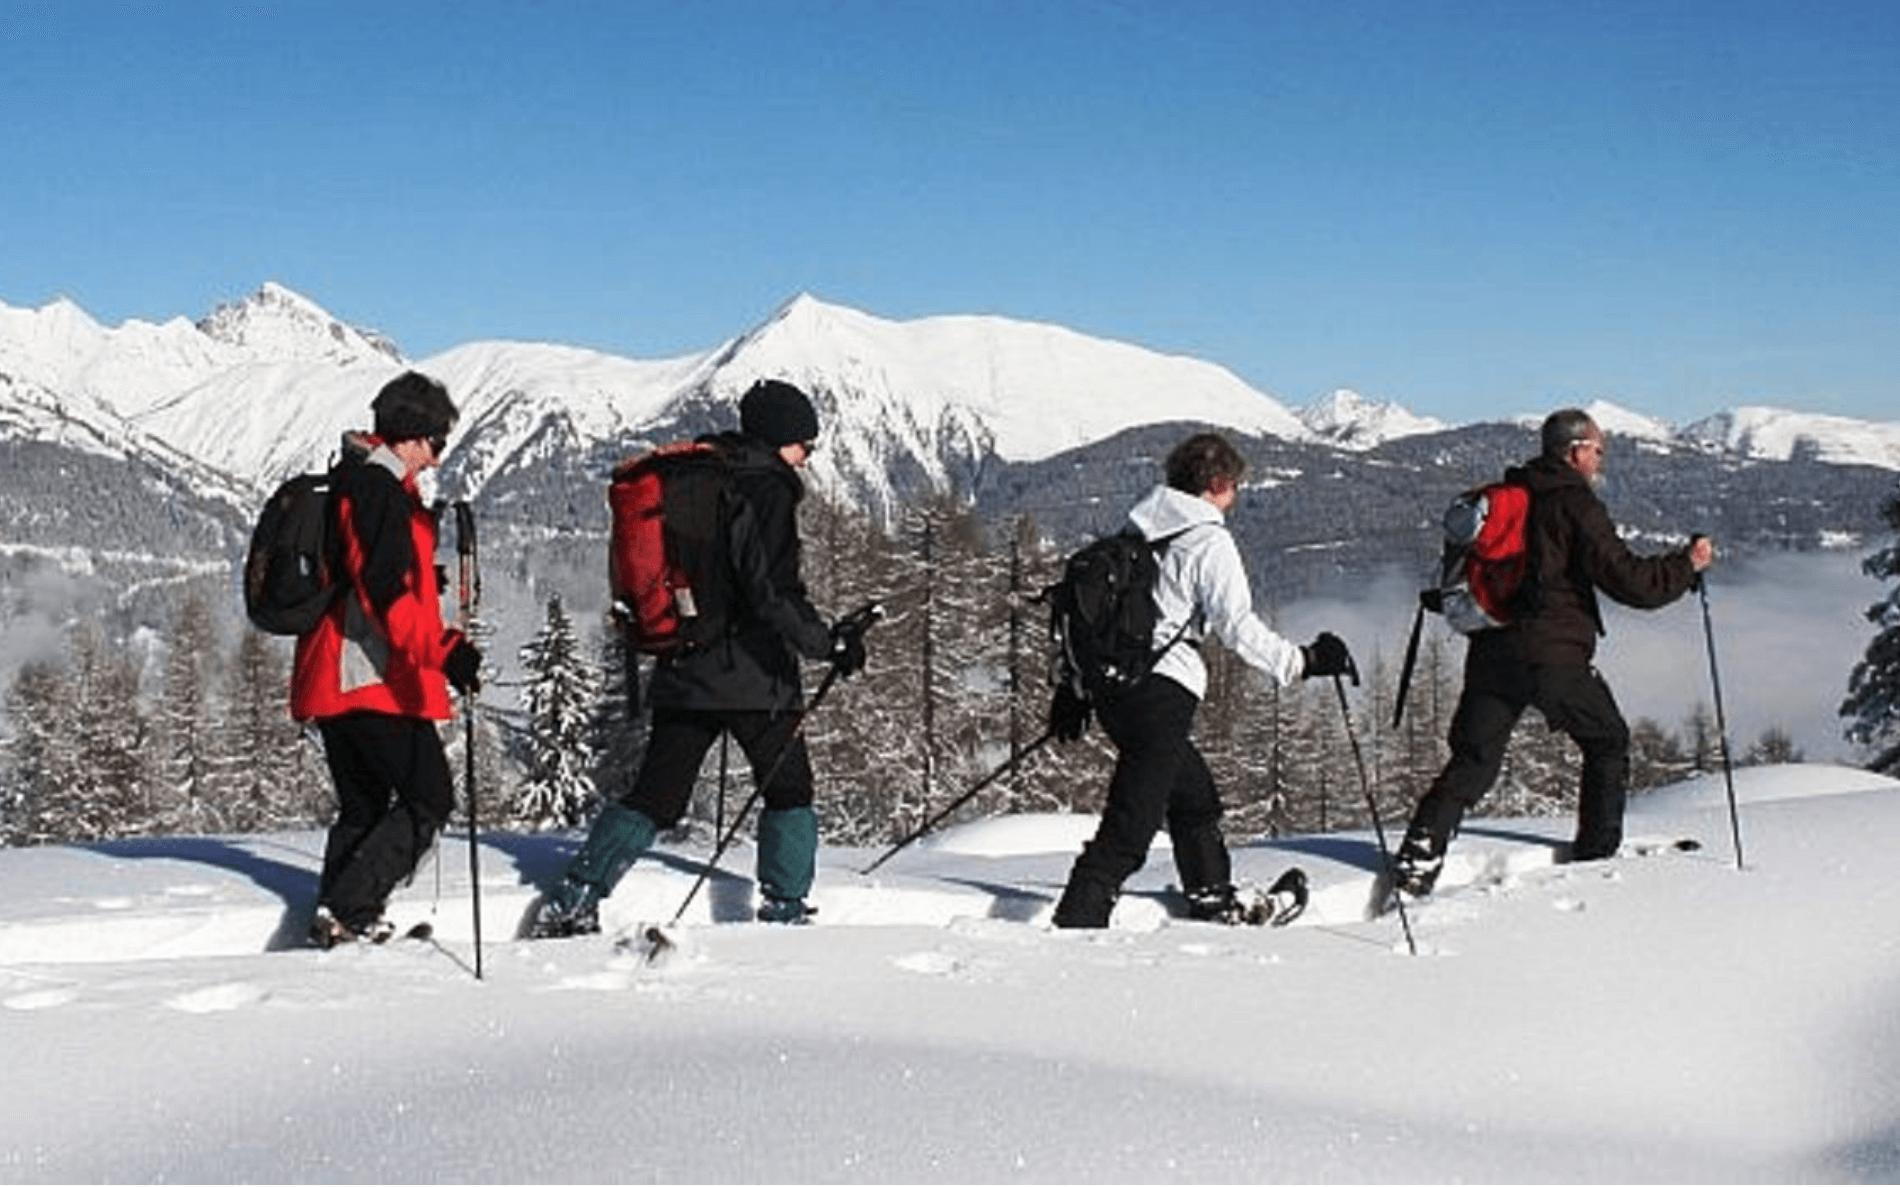 Unieke manier van wintervakantie: sneeuwschoenwandelen